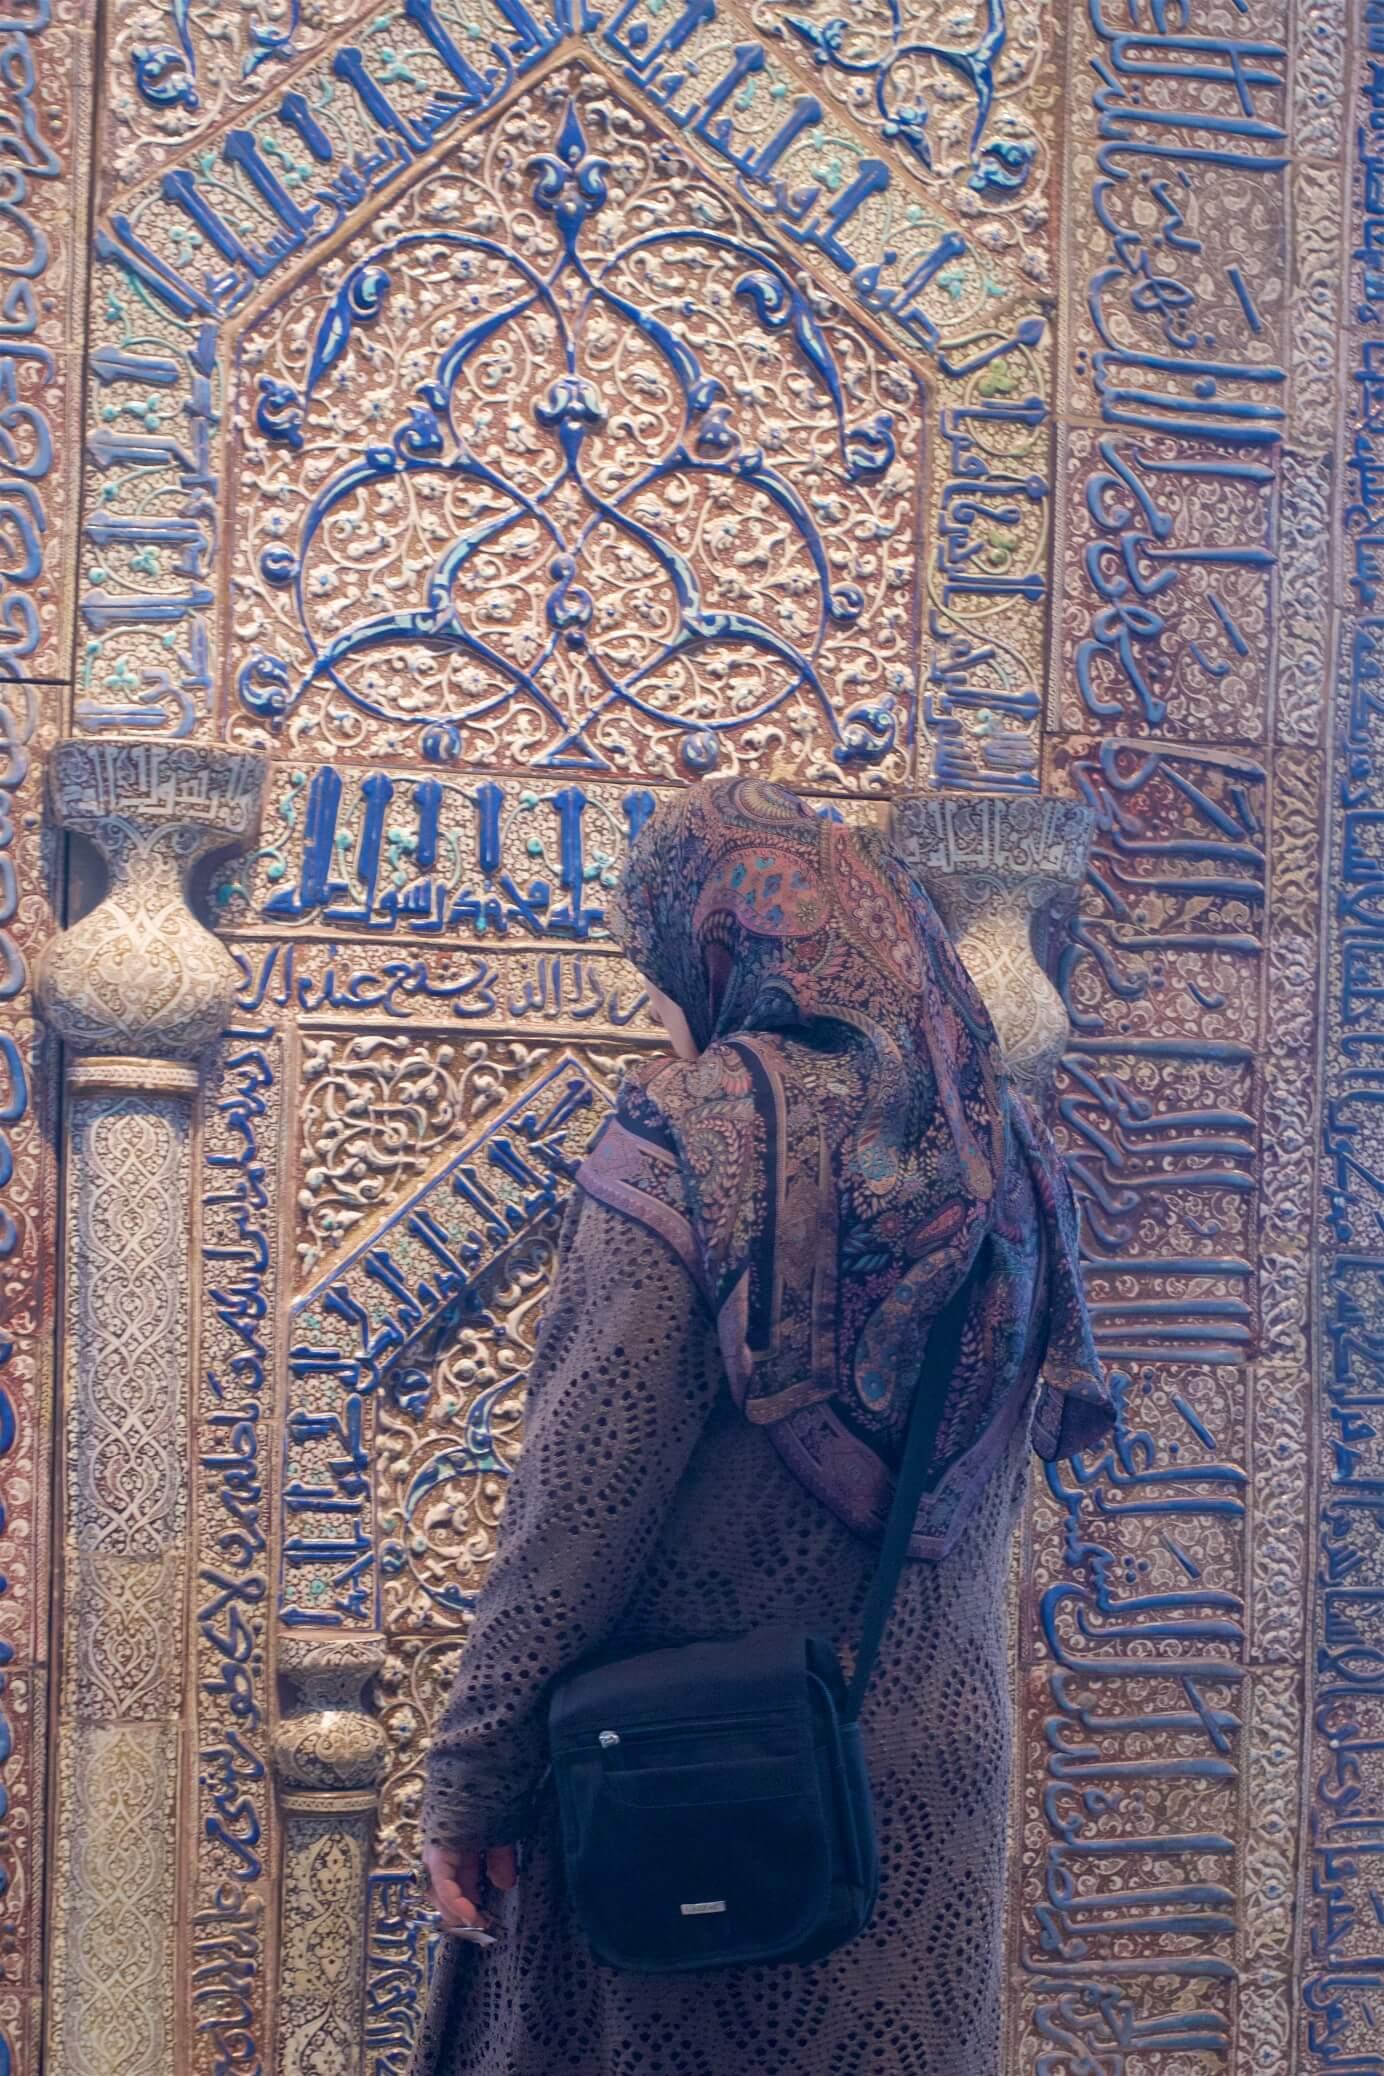 क्लासिक कला सजावट के साथ दीवार के सामने महिला।